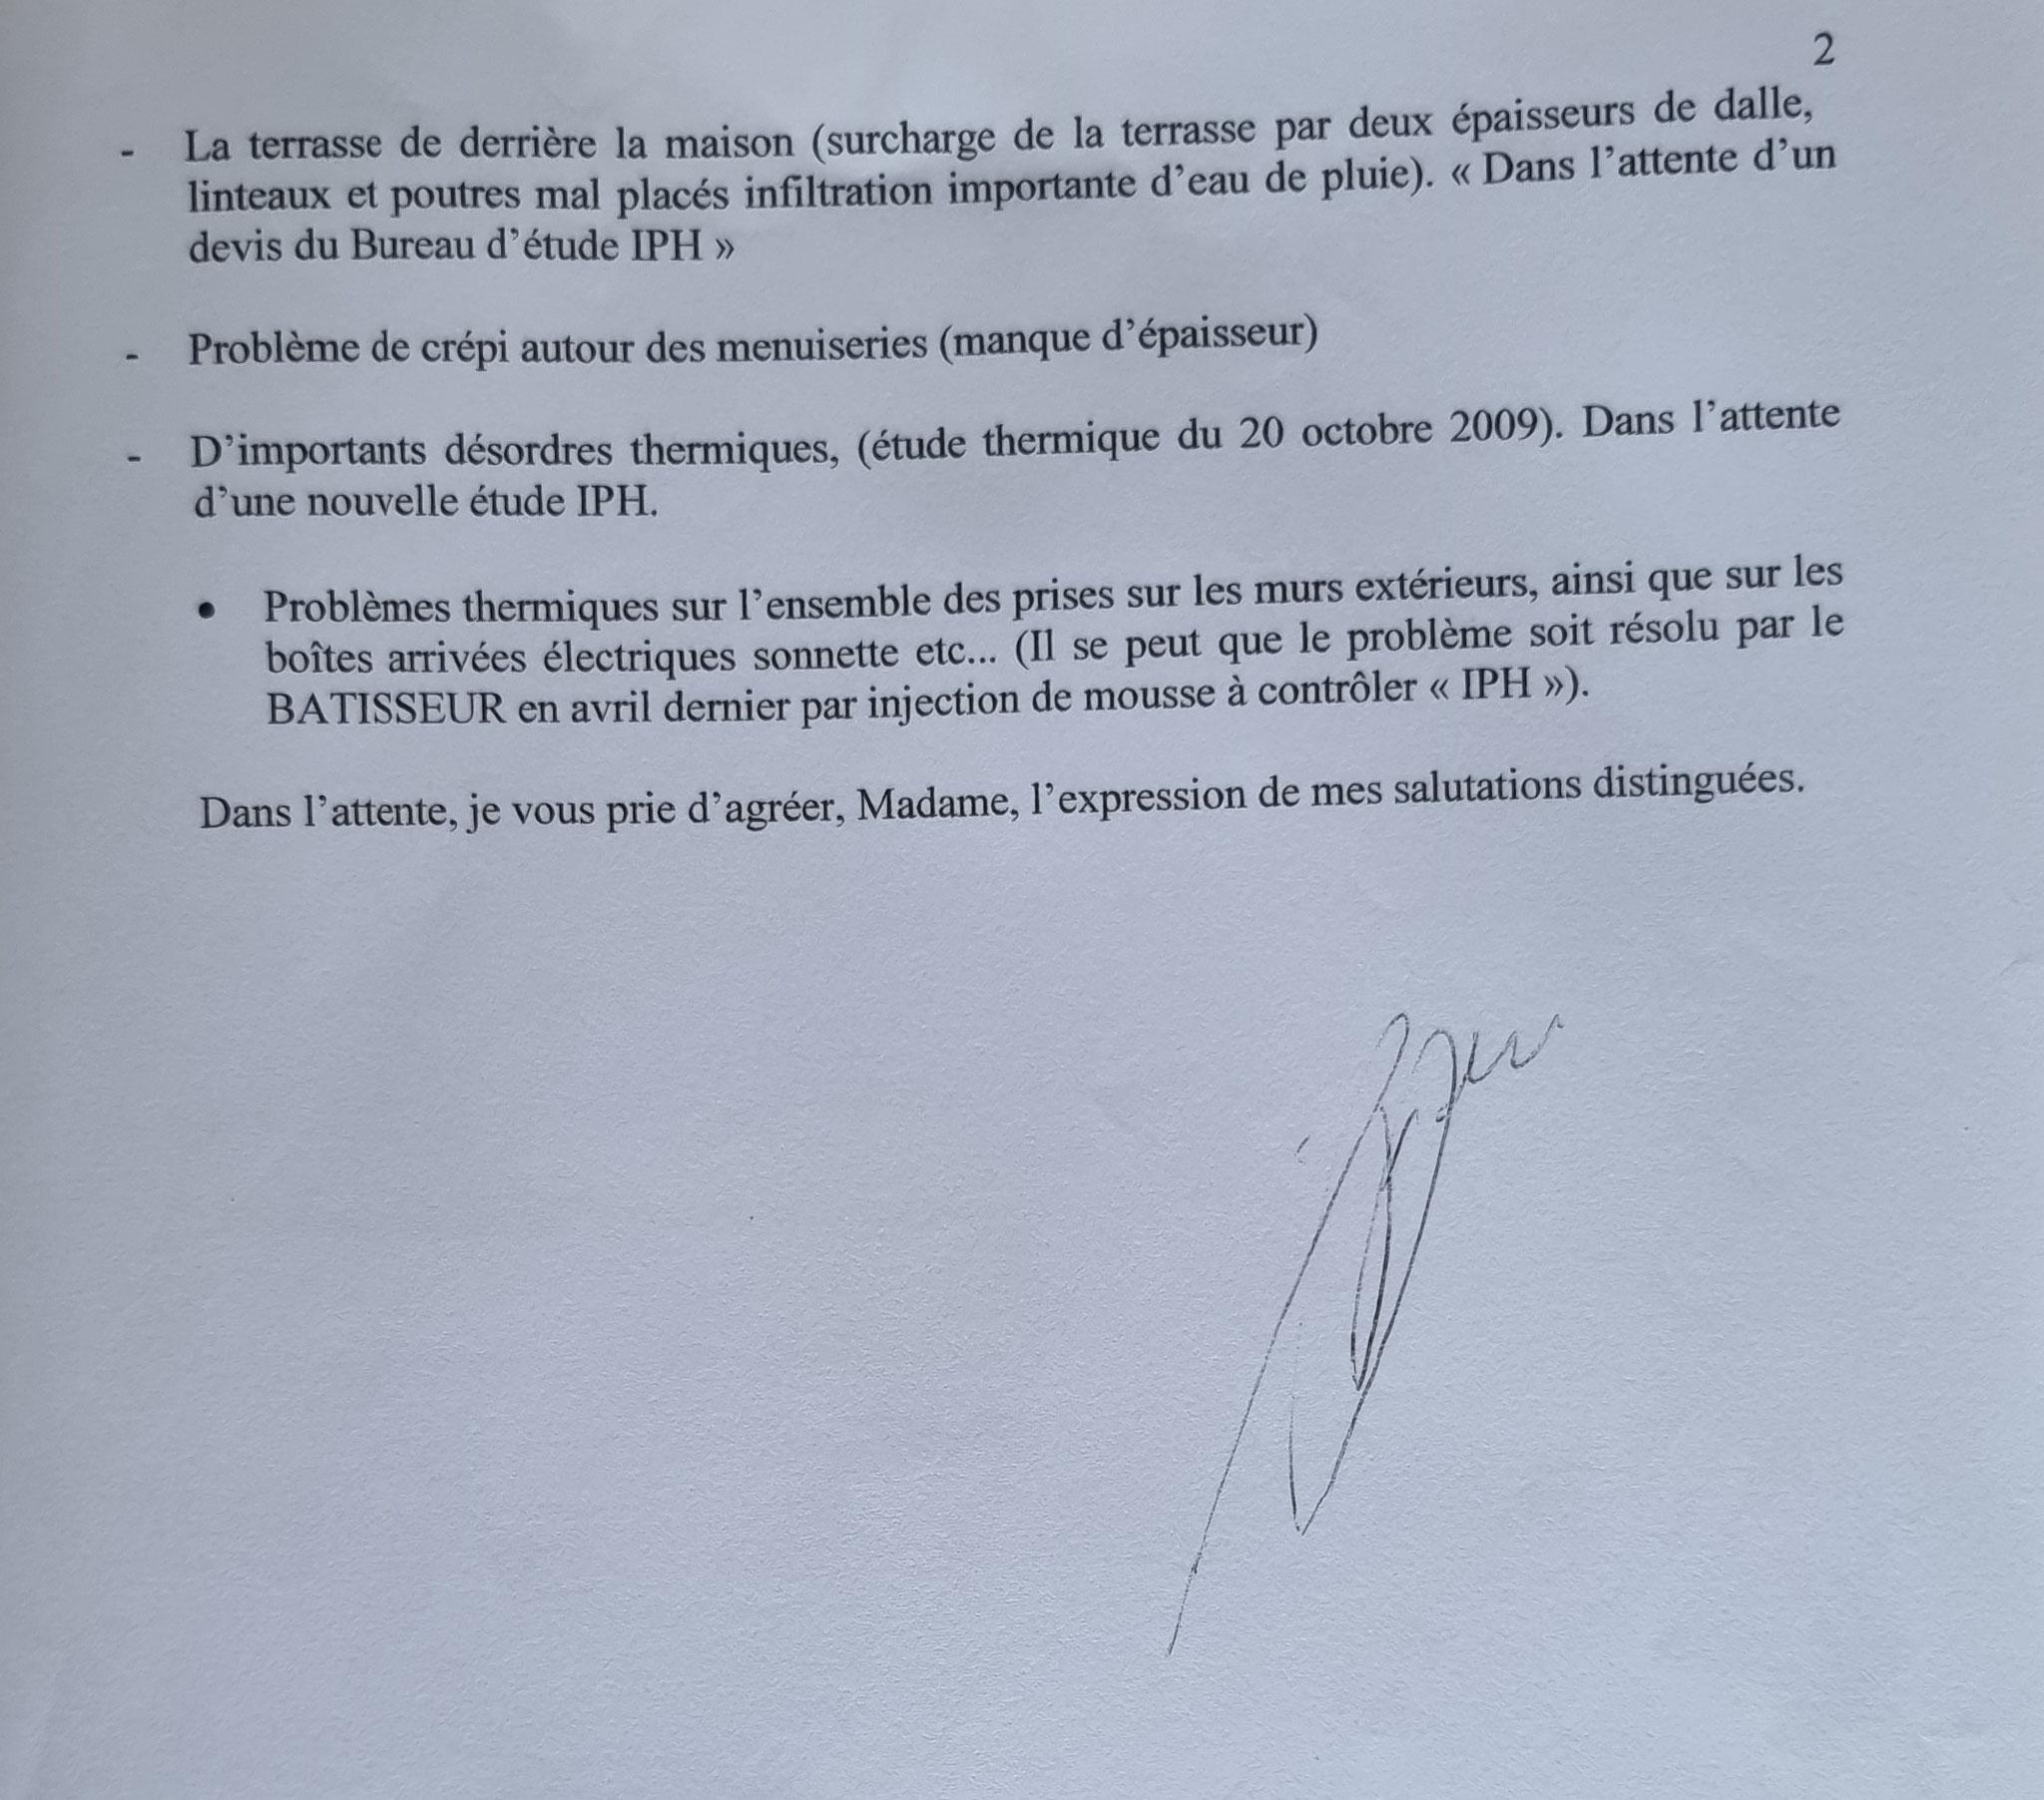 Le 19 Octobre 2010 j'adresse un courrier à un Expert CDAU (ARNAQUE) #STOPCORRUPTIONSTOP  INACCEPTABLE  BORDERLINE    EXPERTISES JUDICIAIRES ENTRE COPAINS...  www.jesuispatrick.fr